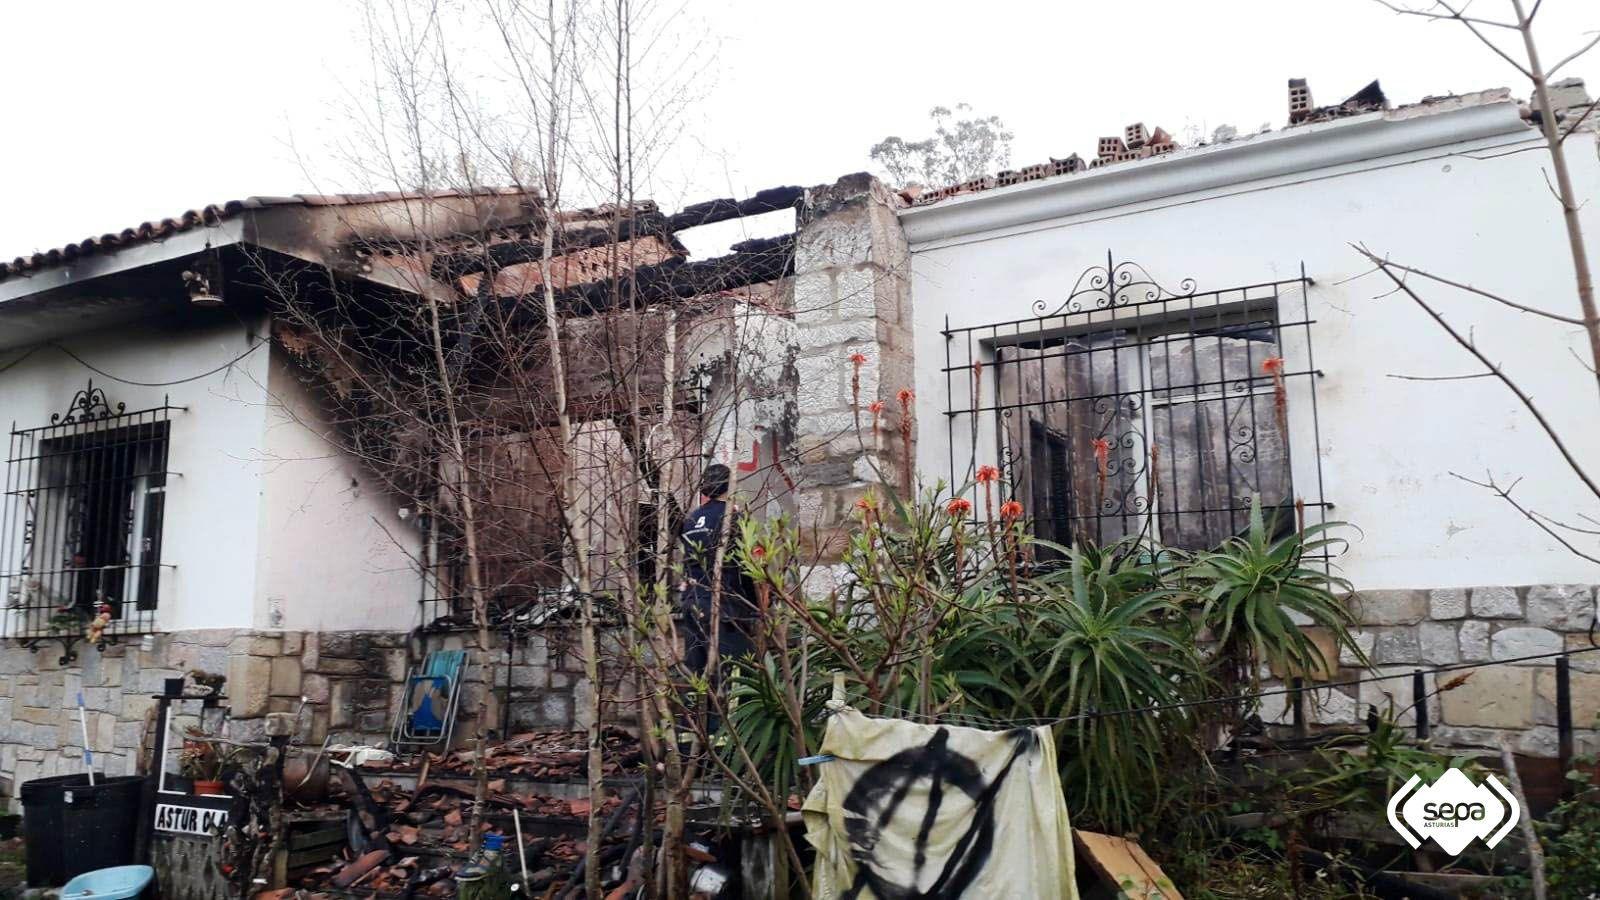 Identifican a los okupas de un edificio de A Falperra.El incendio afectó a la toda la vivienda, que ha quedado parcialmente derruida